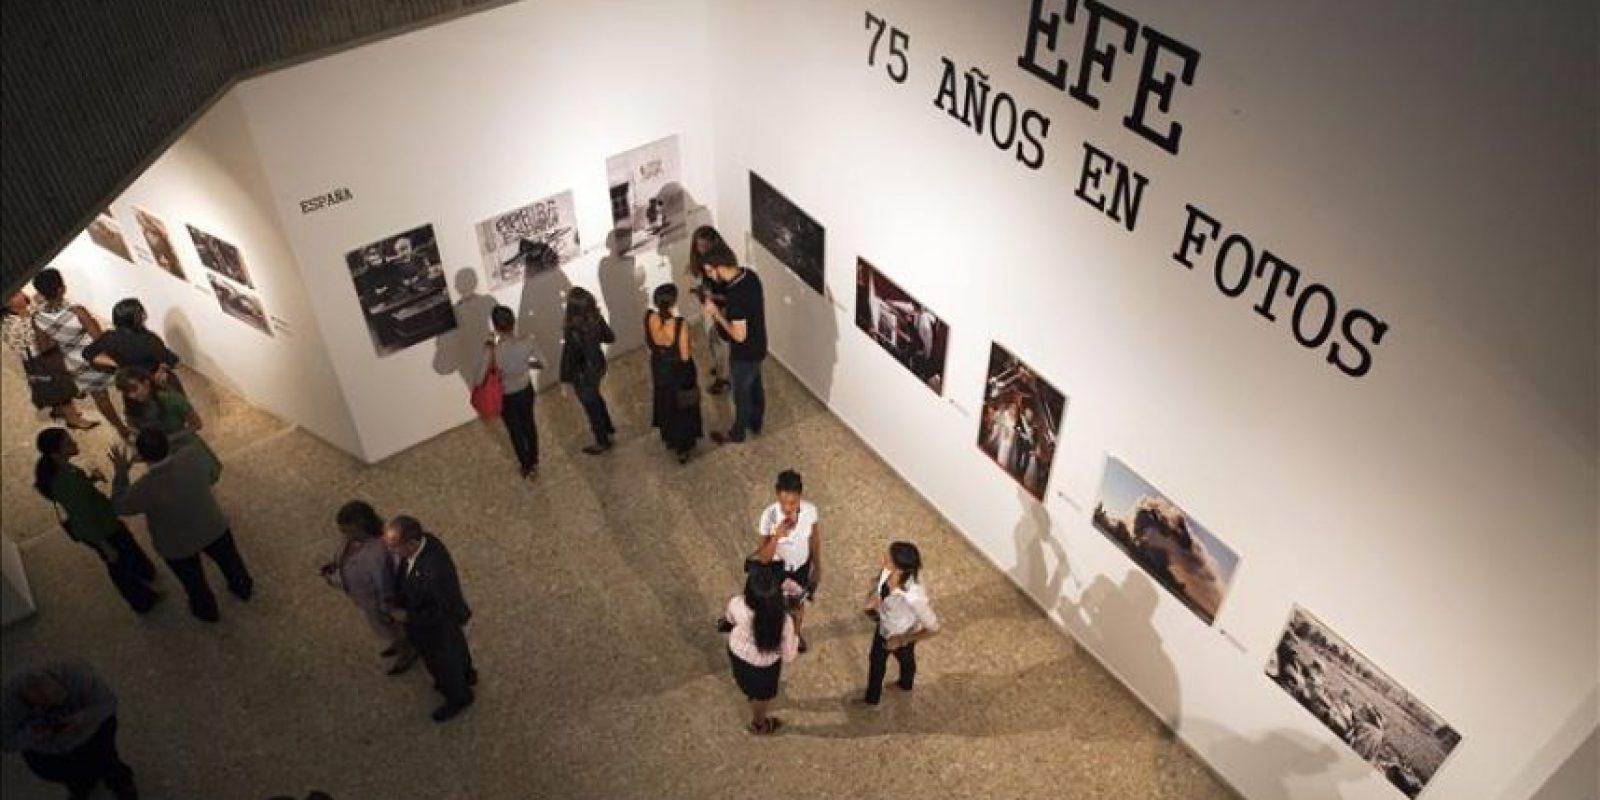 """En la imagen un registro general de la inauguración de la exposición """"EFE: 75 años en fotos"""", en el Museo de Arte Moderno de Santo Domingo (República Dominicana). Con esta muestra fotográfica la Agencia EFE celebra sus 75 años de existencia y hace un recorrido por acontecimientos históricos de España y América Latina. EFE/Orlando Barría"""